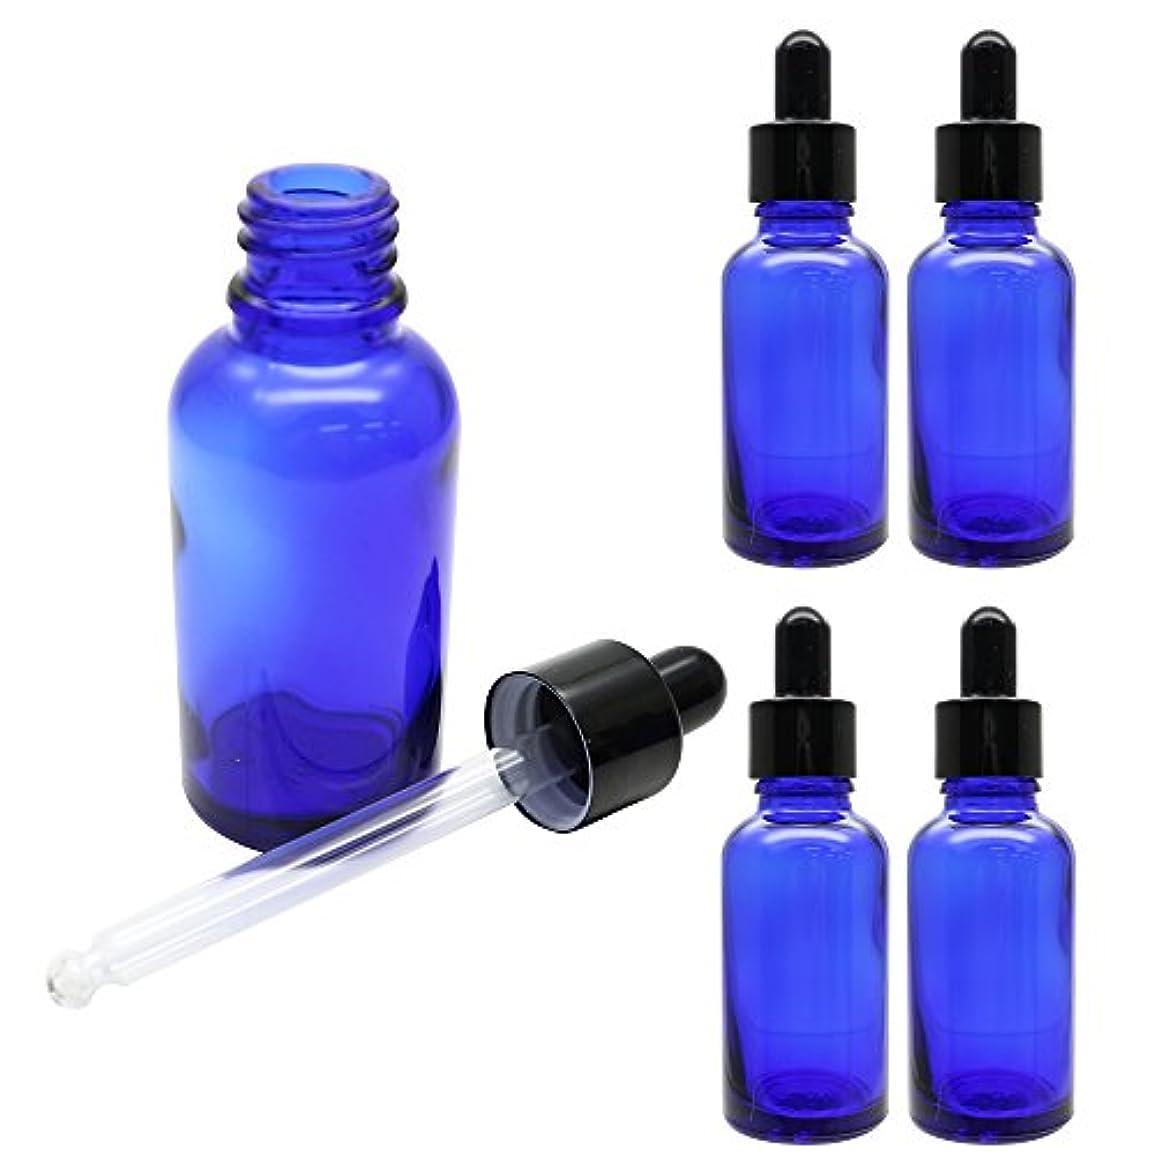 推測紫のヘッドレス【yanyan0207】 スポイト付き 遮光瓶 5本セット 30ml 高さ10cm ガラス製 (ブルー)